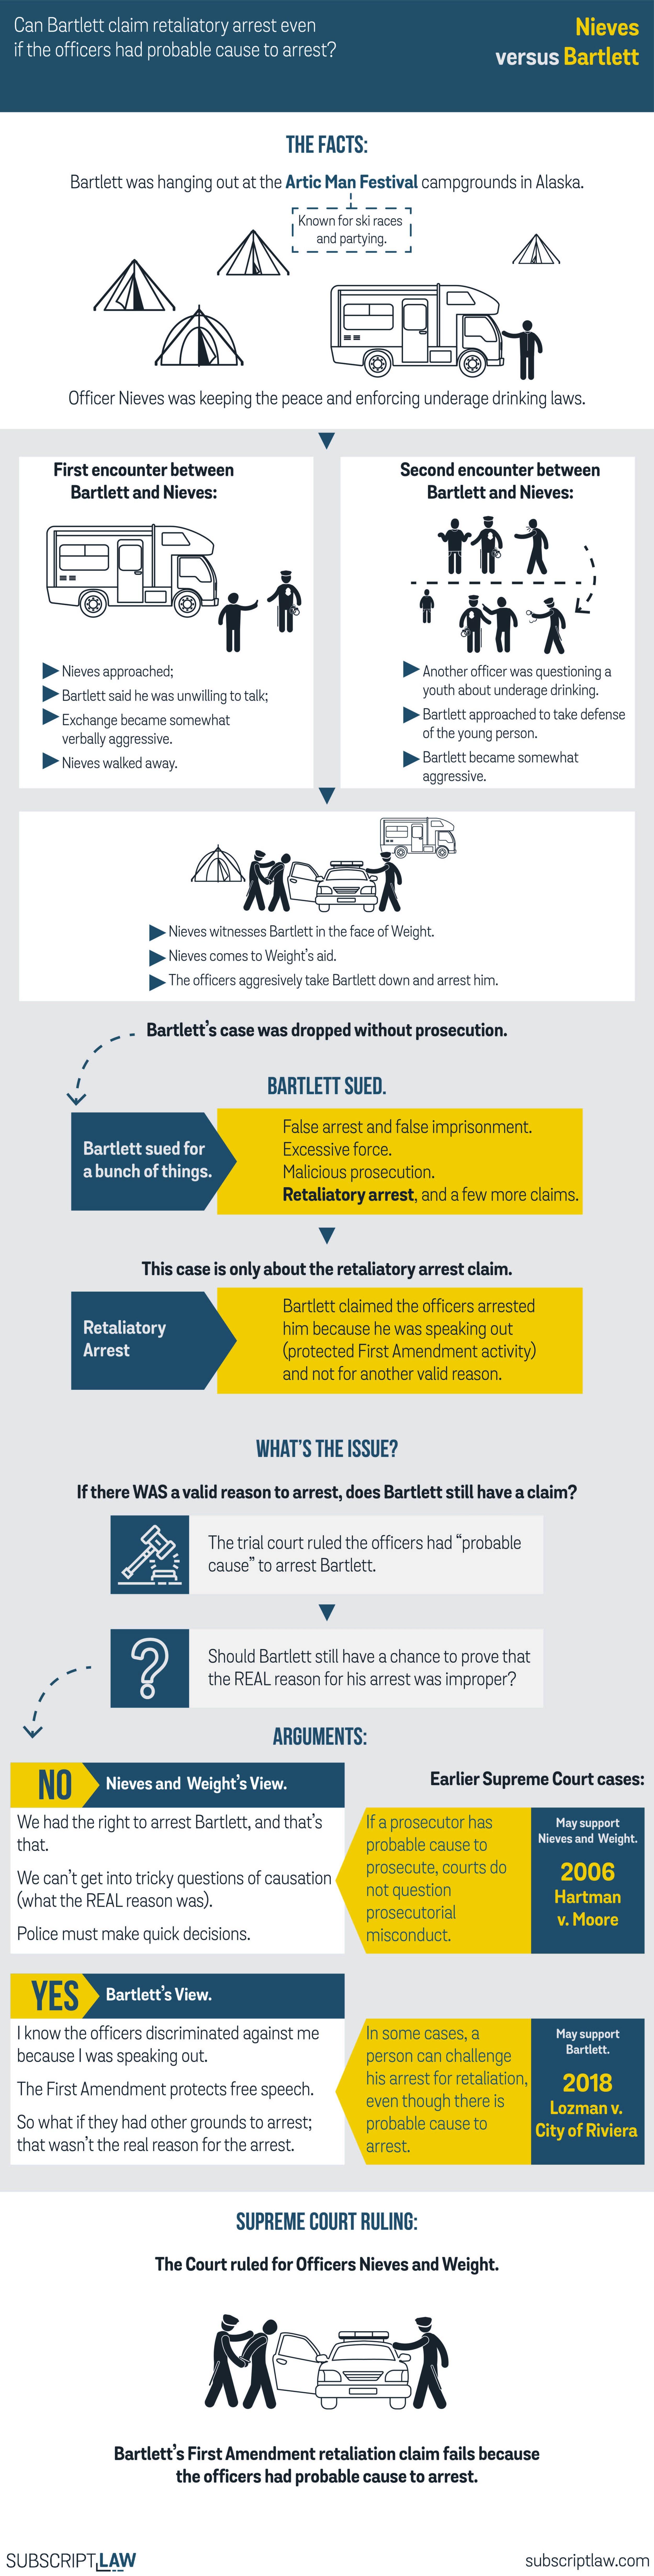 Nieves v Bartlett Decision.jpg